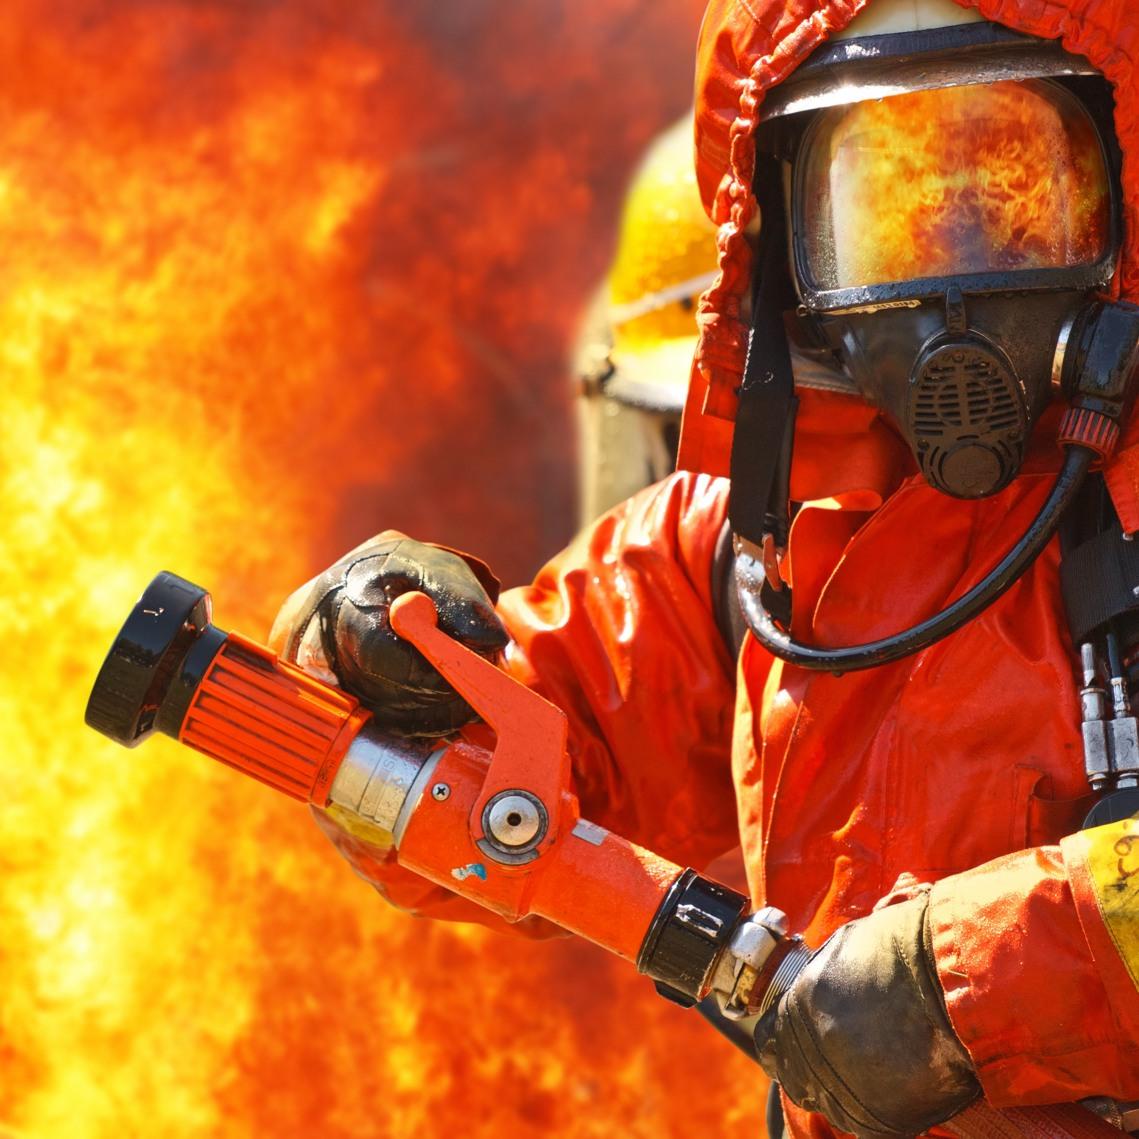 Обои на рабочий стол пожарной безопасности